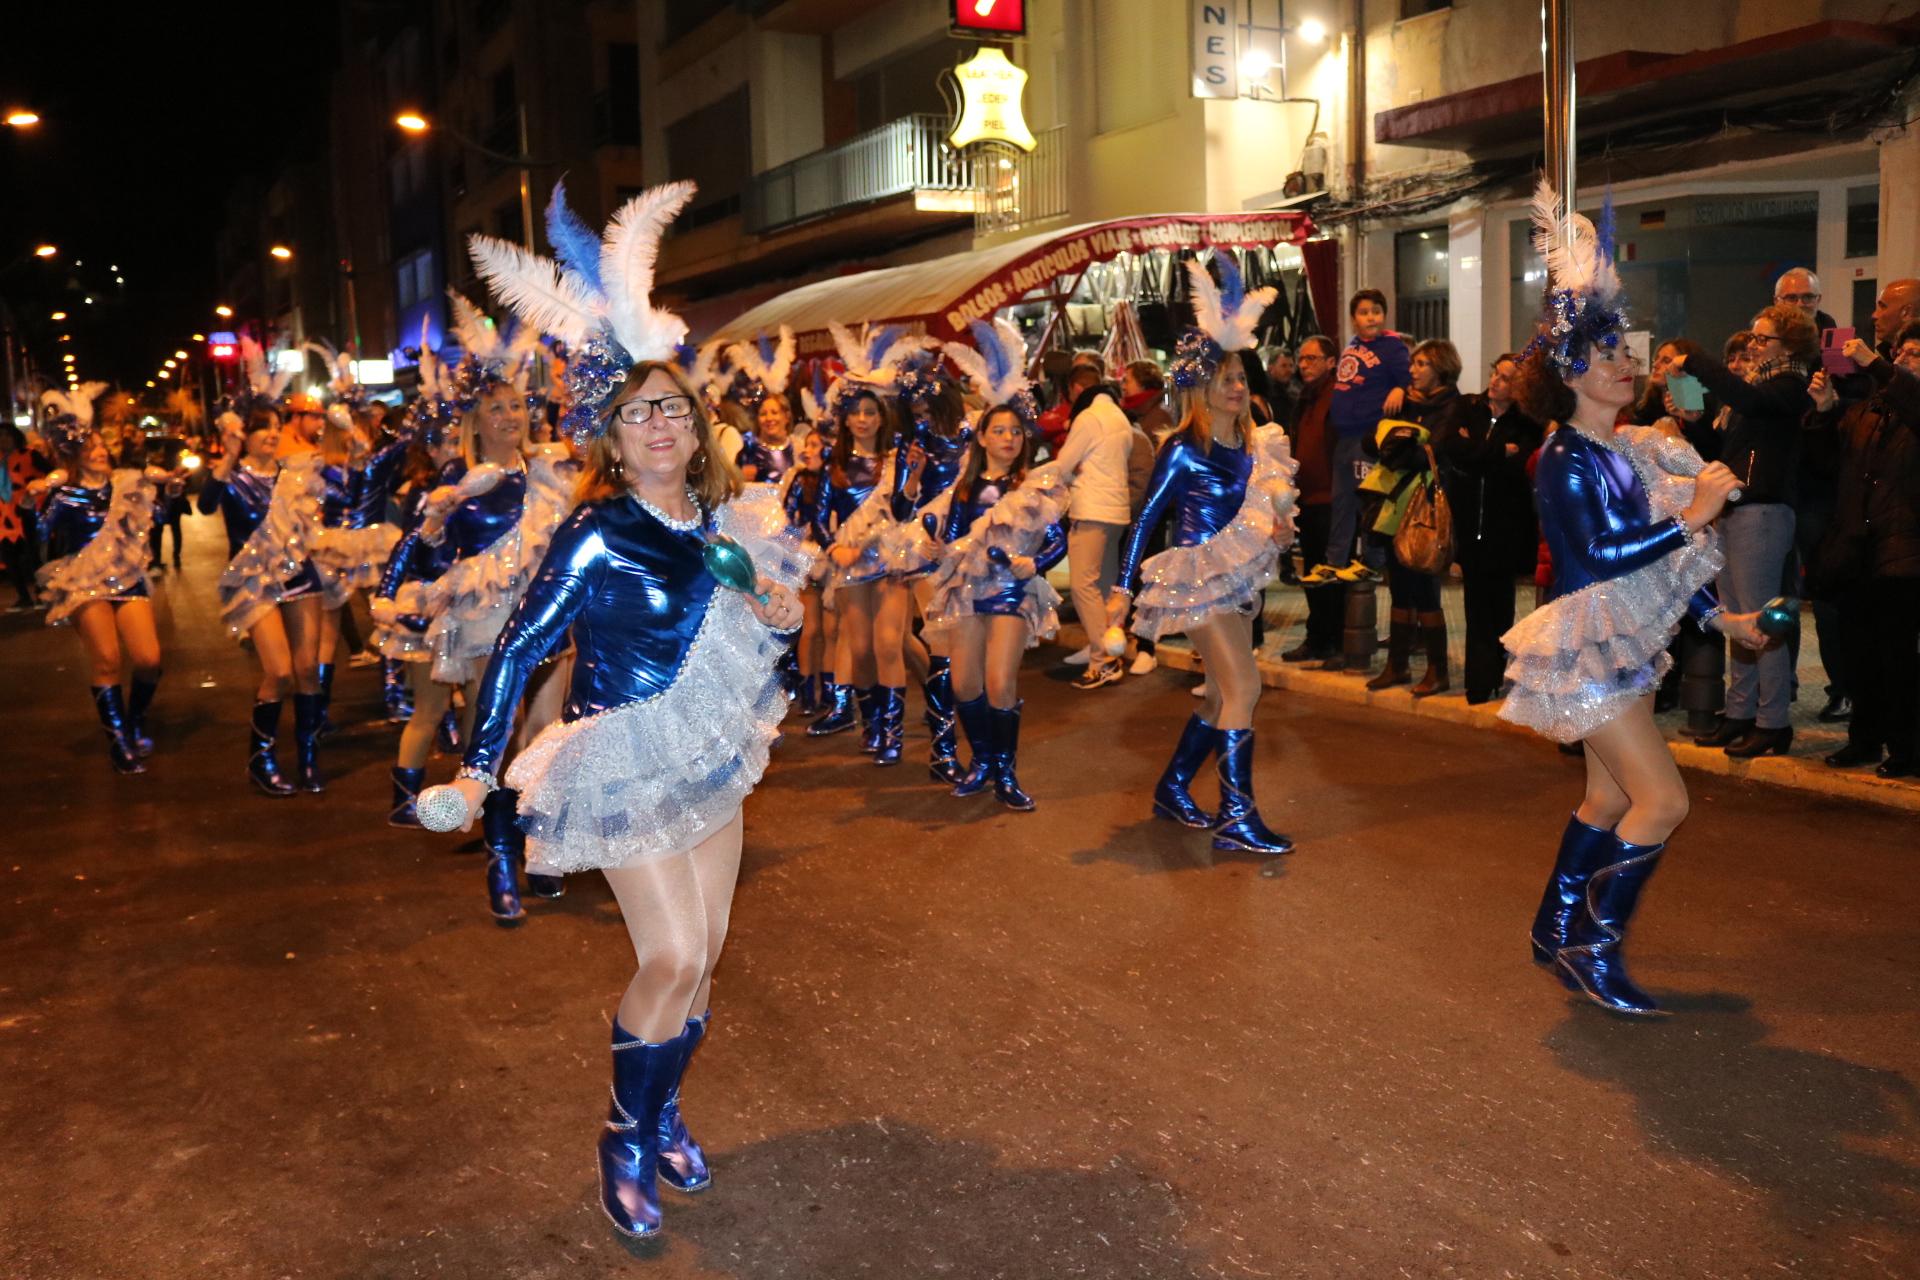 Peníscola, en poques hores començarà el Carnaval 2018